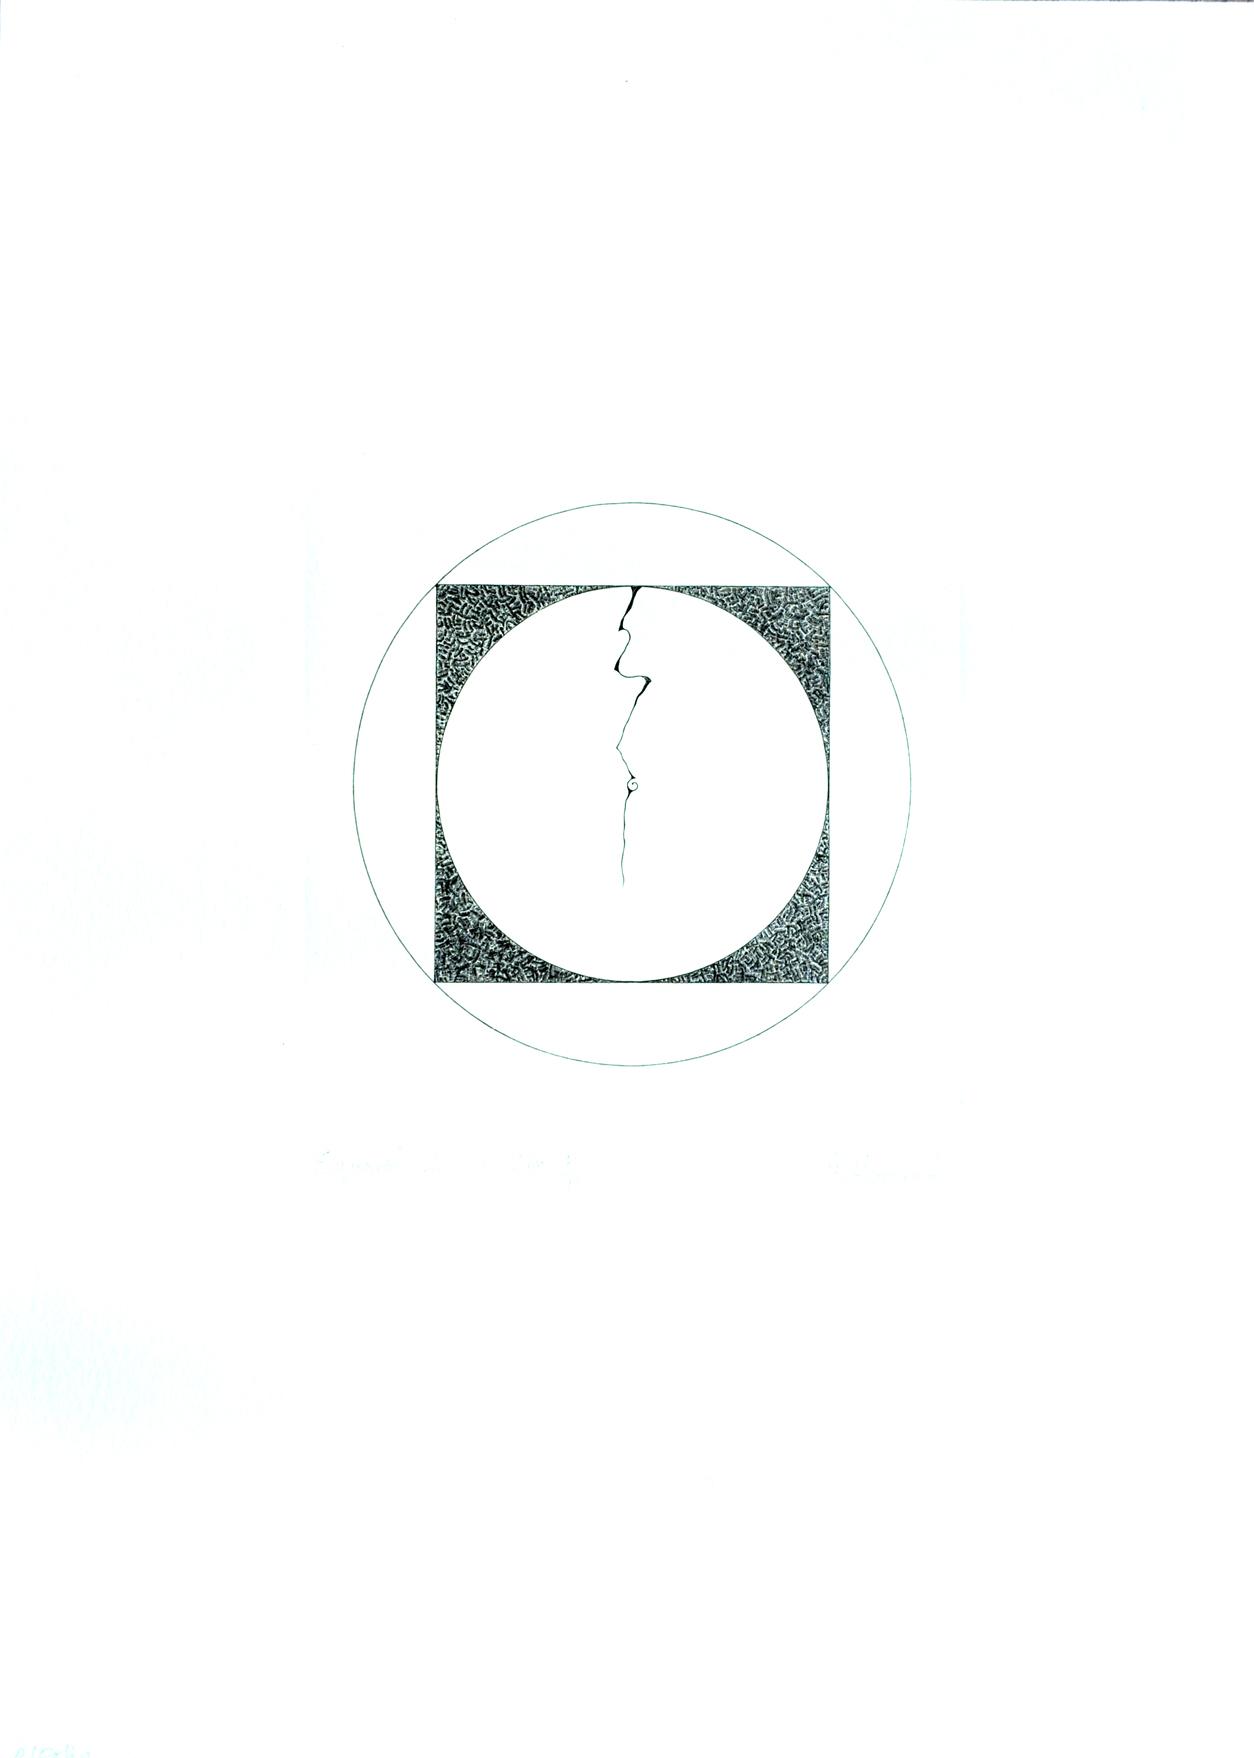 Squared Circle of Zen